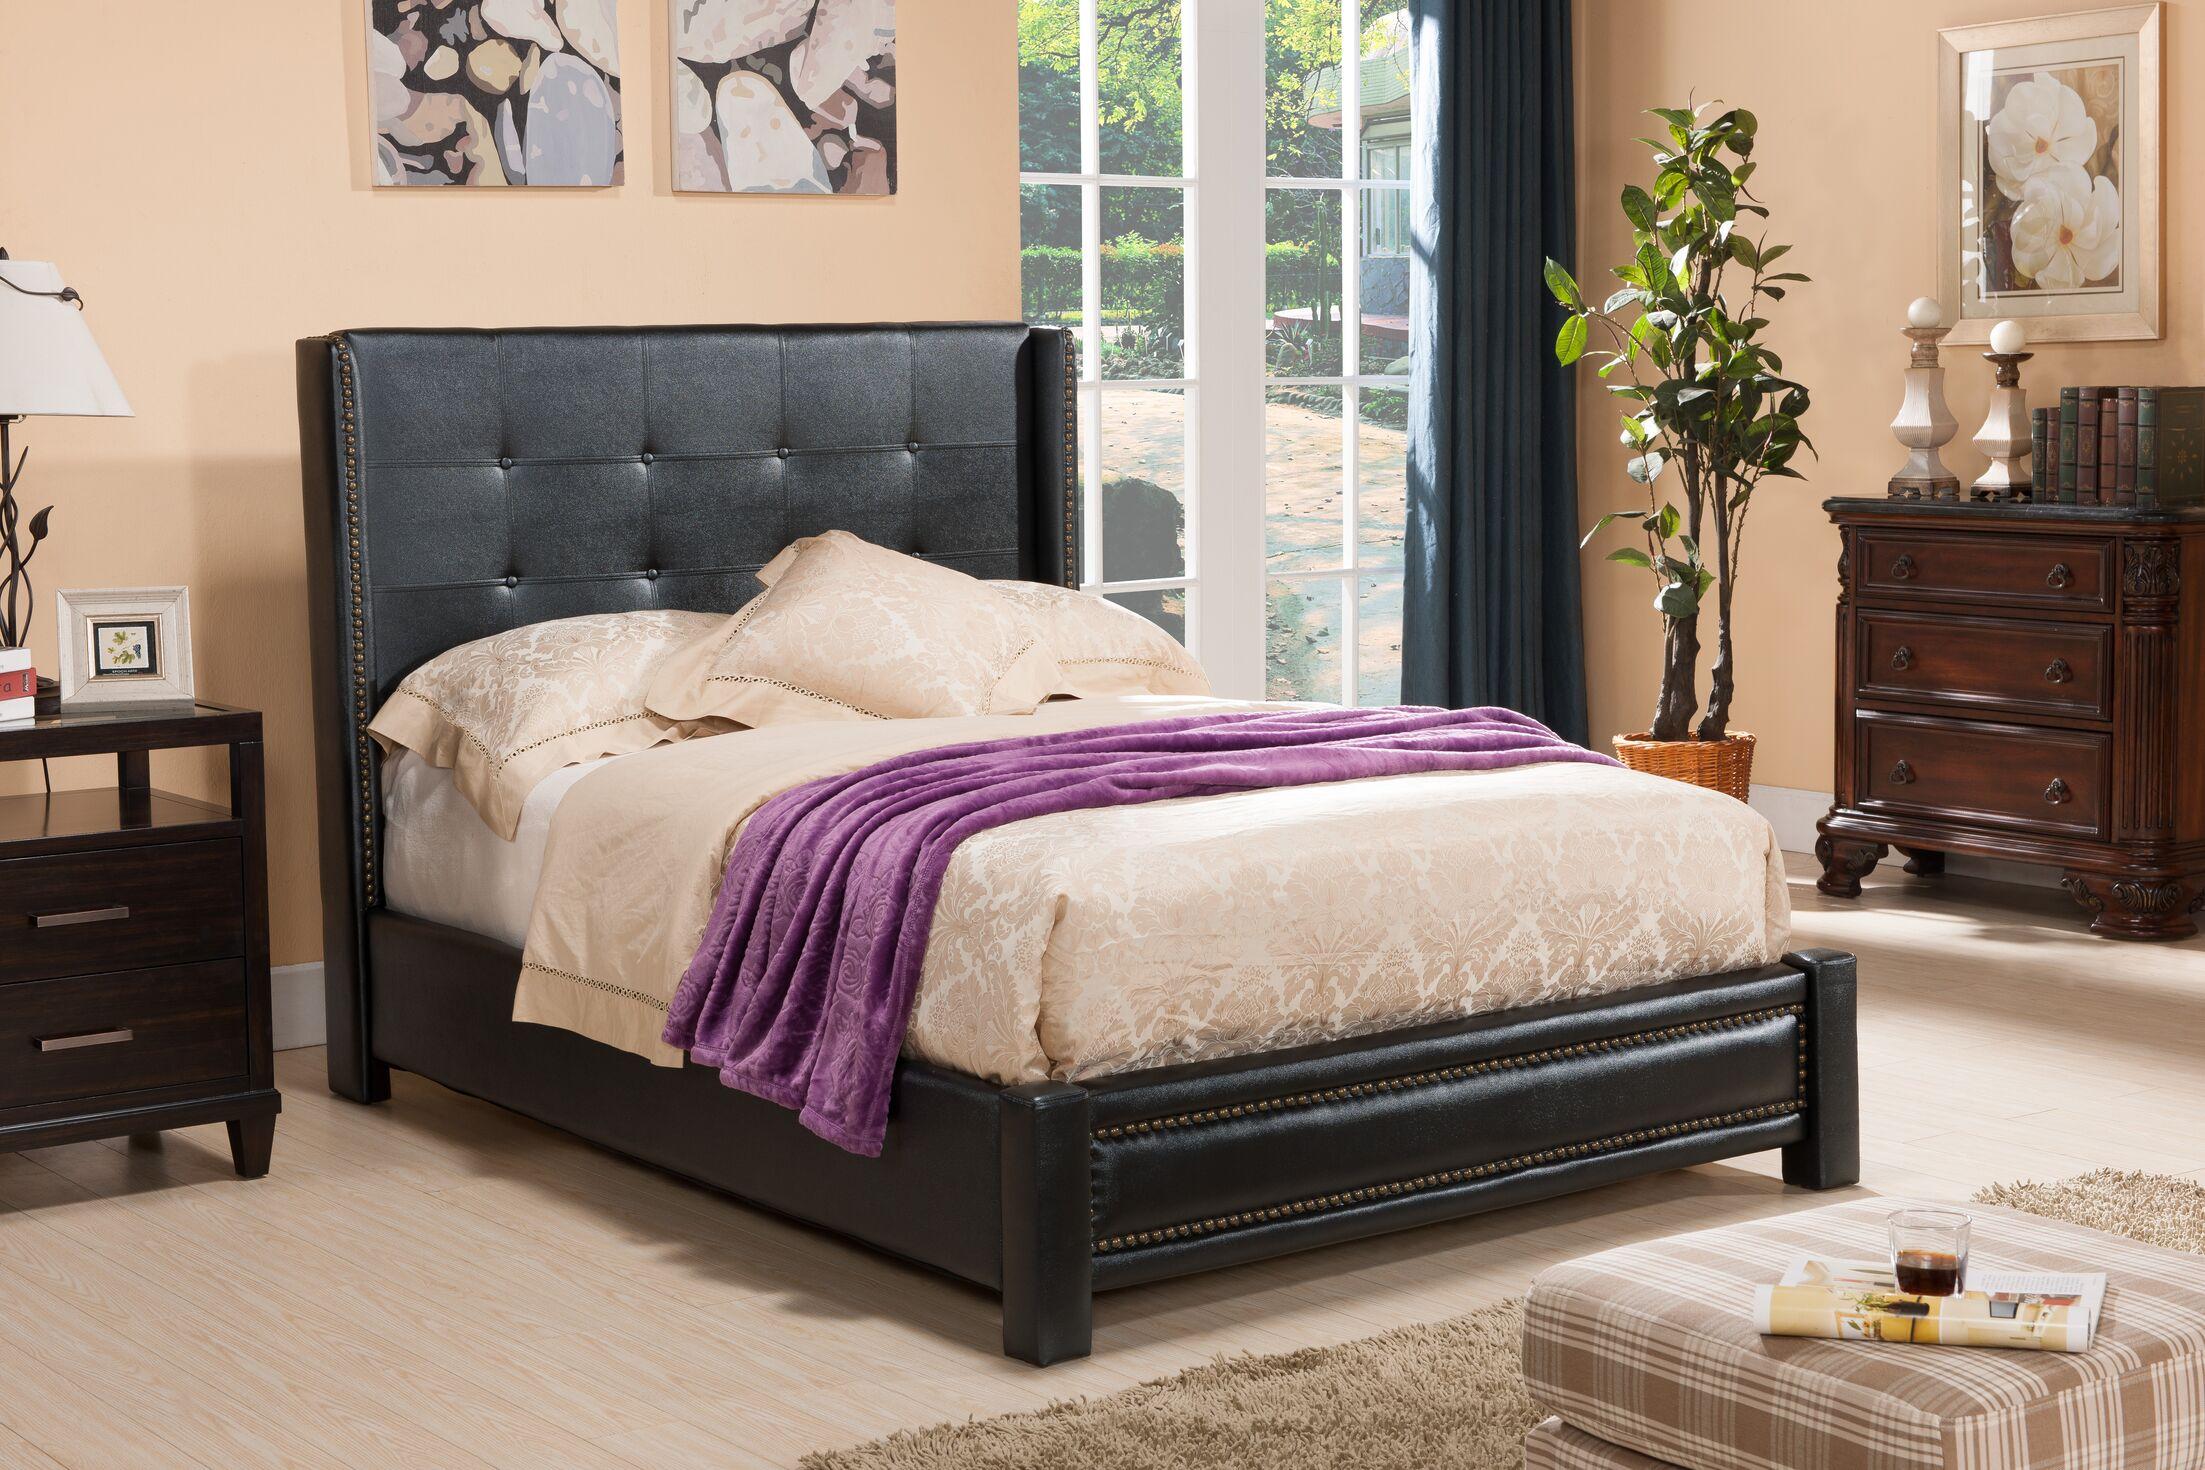 Upholstered Platform Bed Size: King, Color: Black